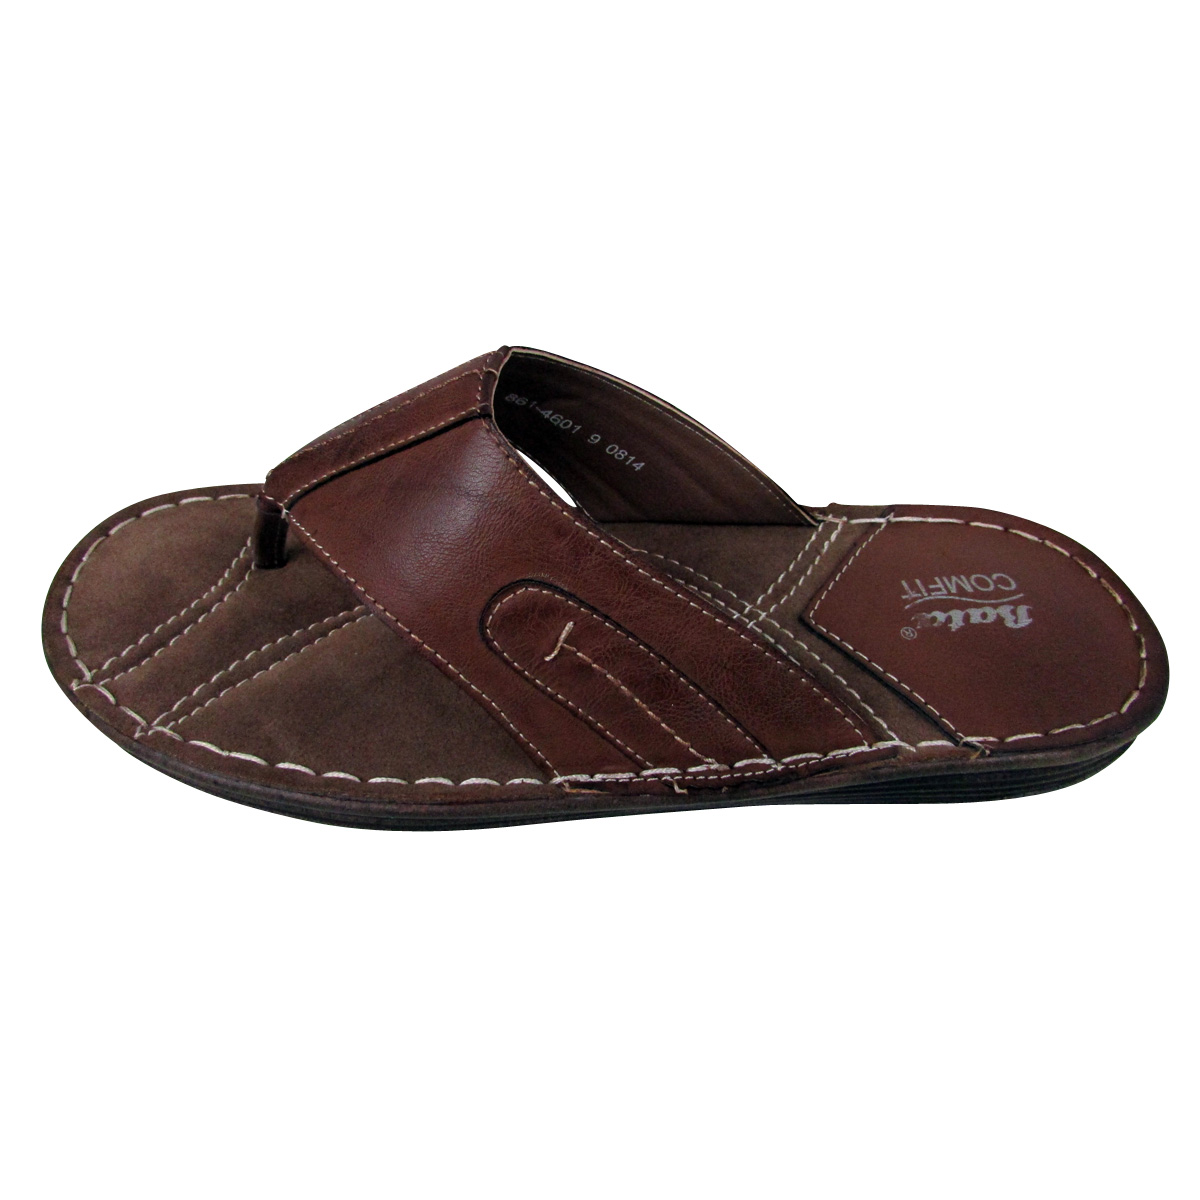 Bata School Shoes Uk